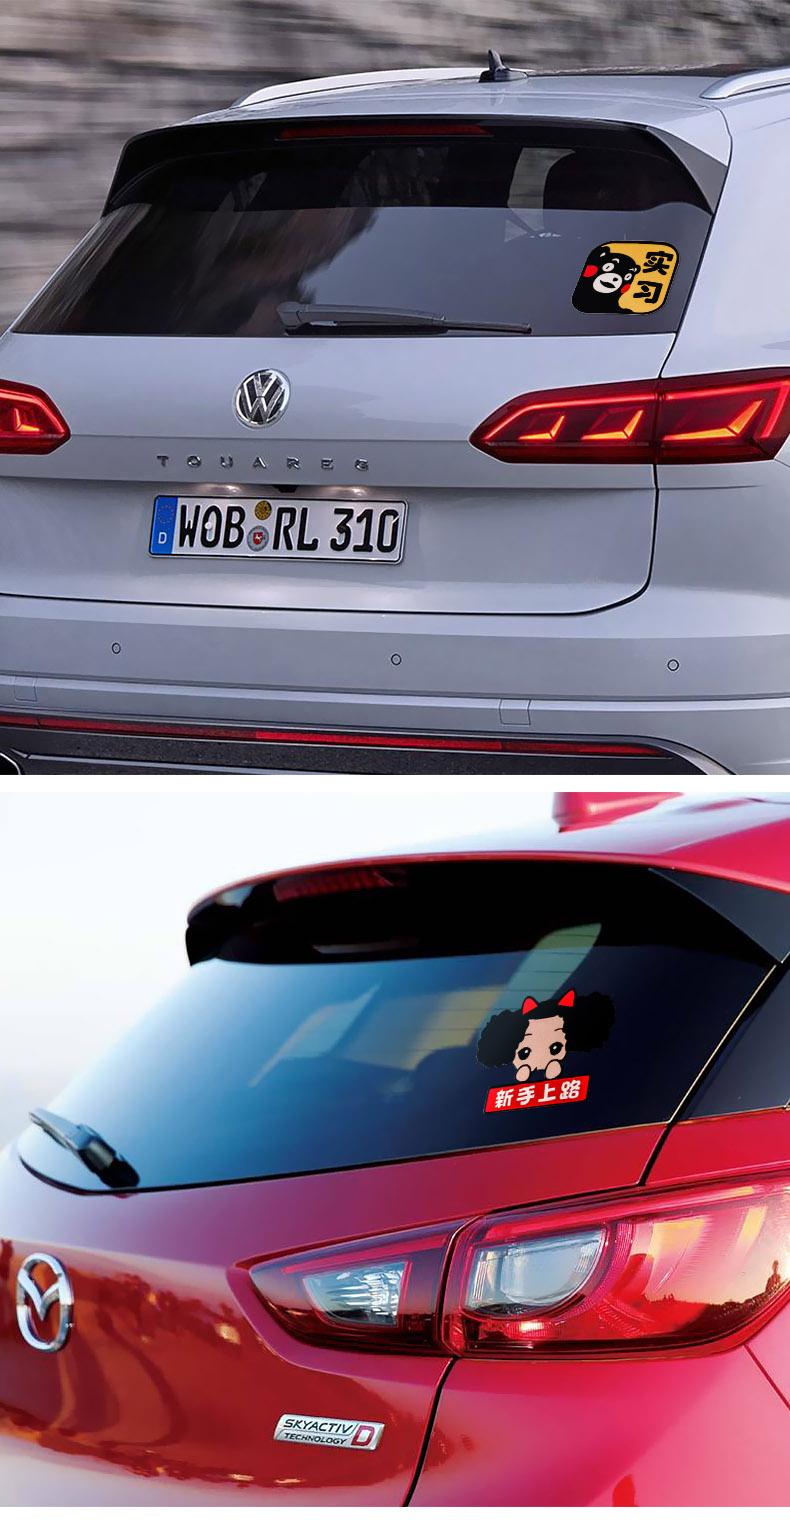 汽车新手上路驾驶实习车贴反光个性创意女司机统一标誌牌贴纸详细照片